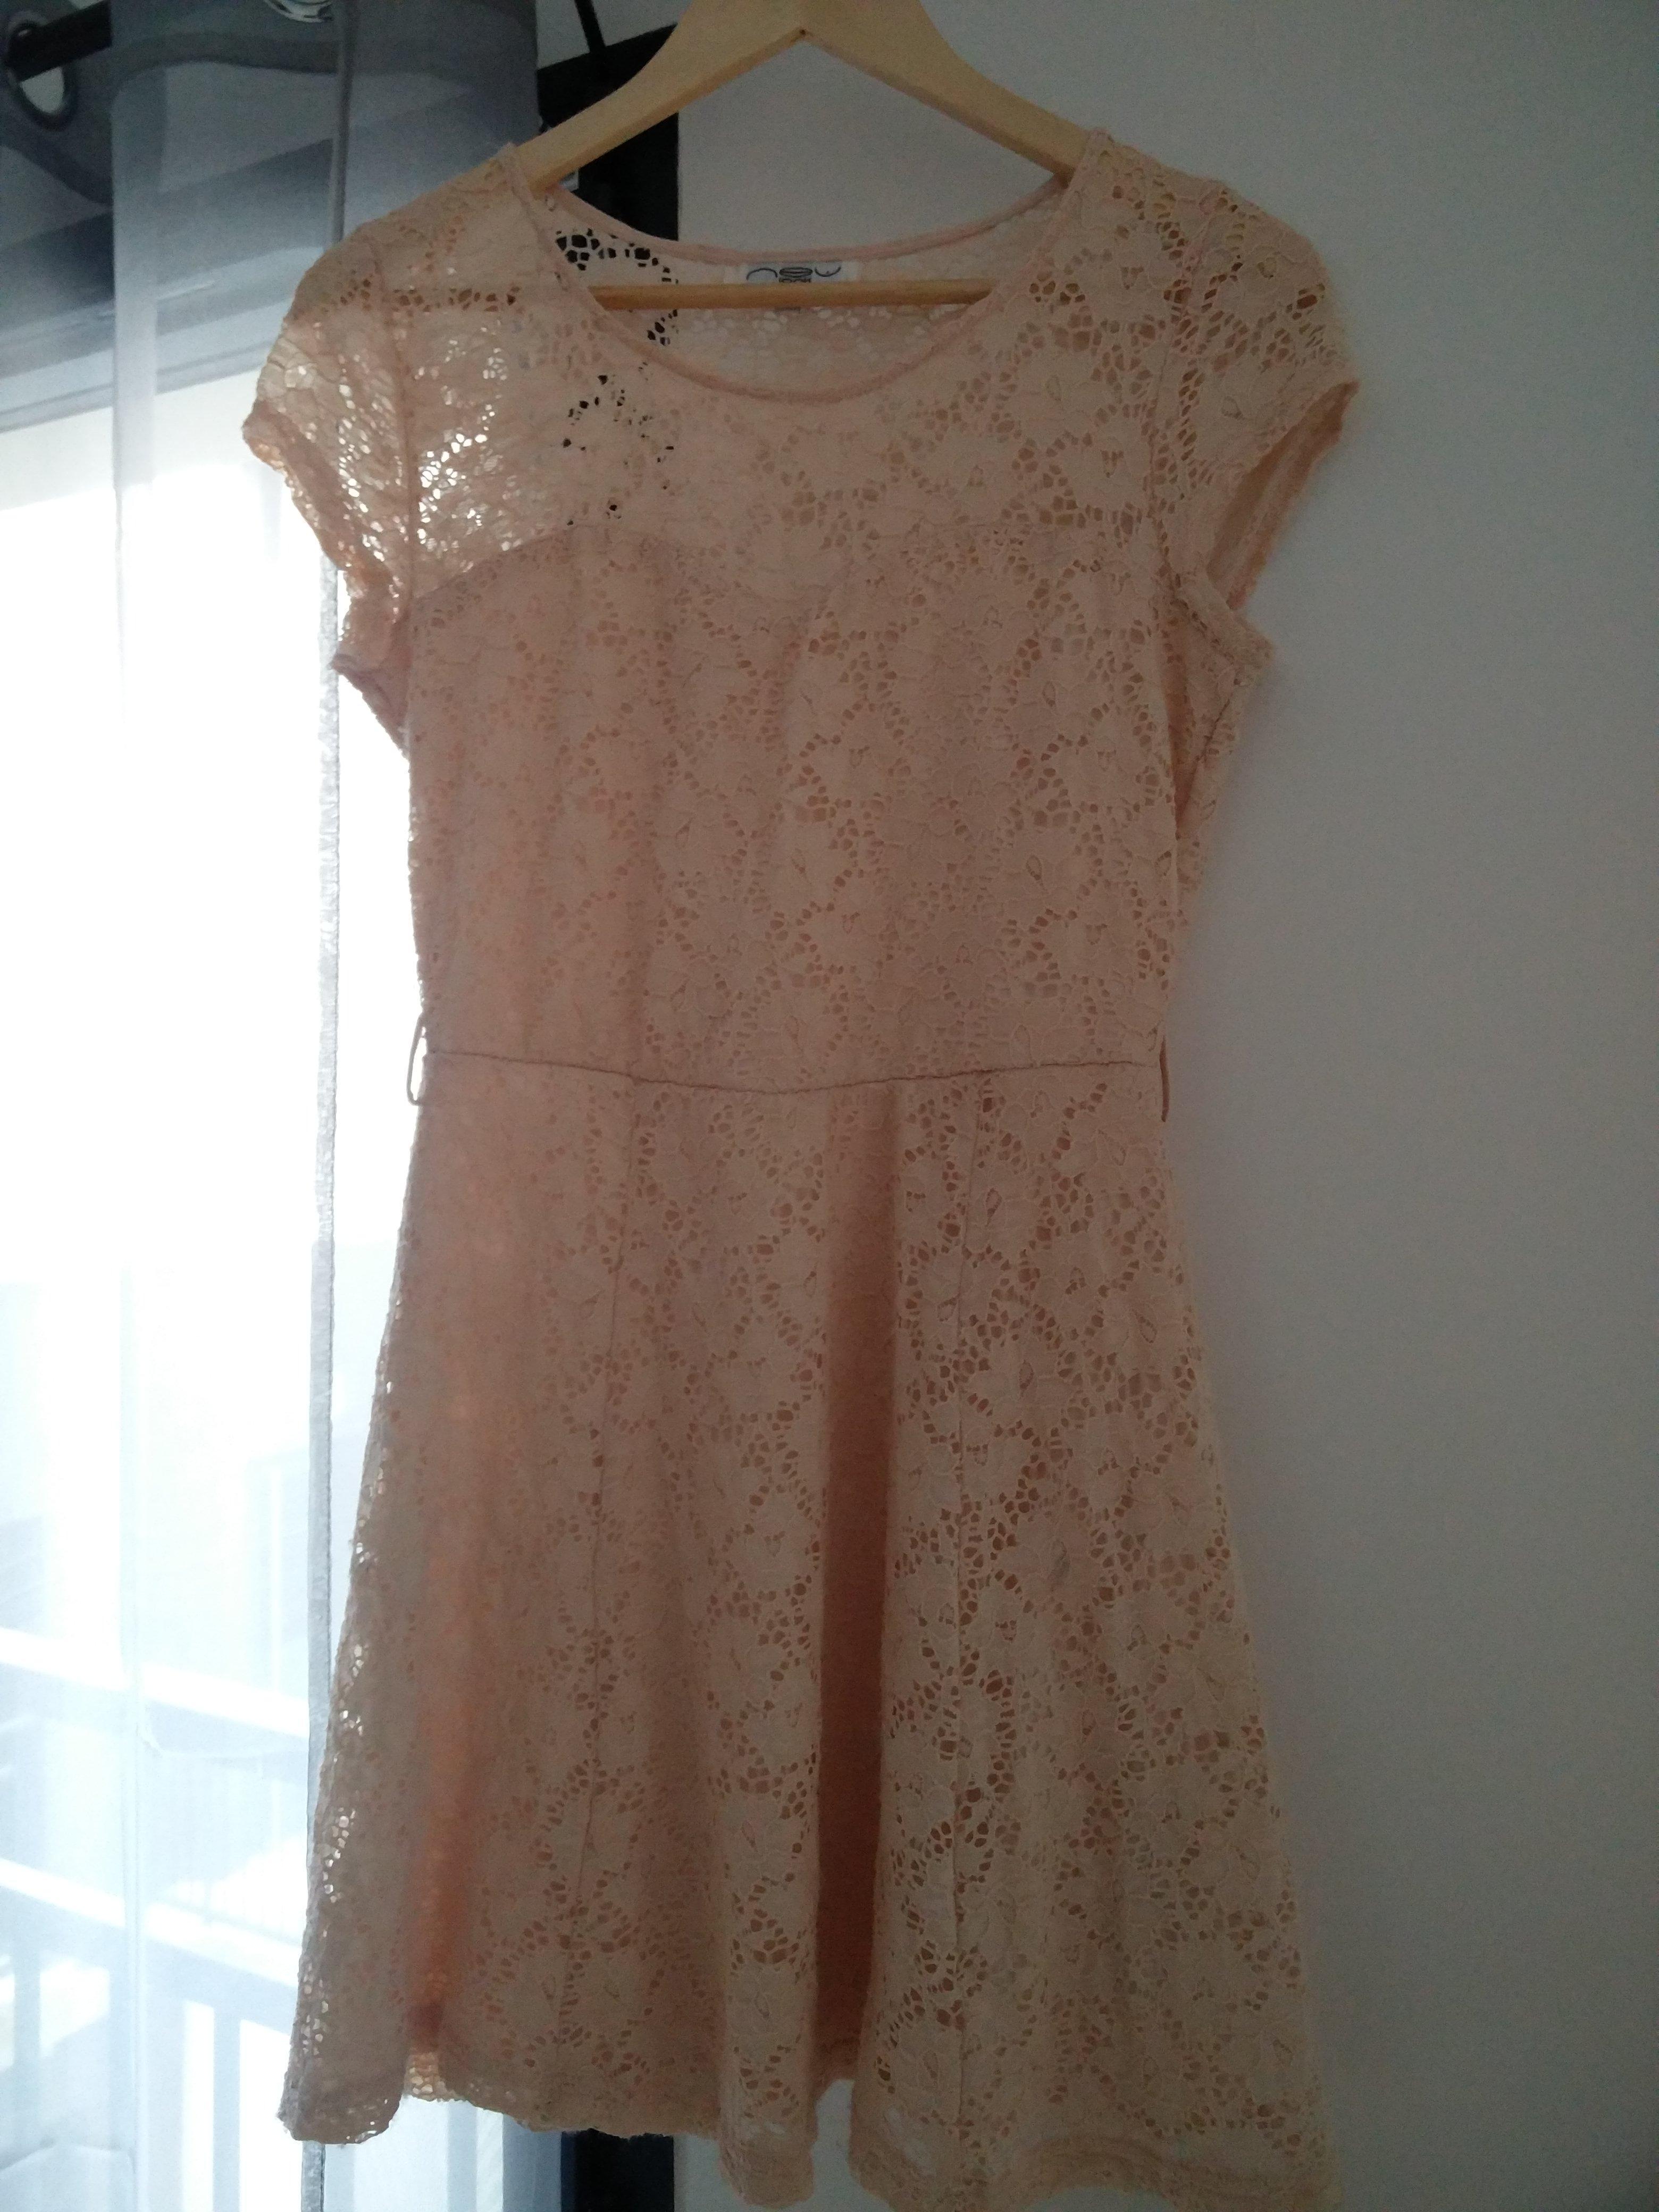 troc de troc robe dentelle rose beige newlook image 0